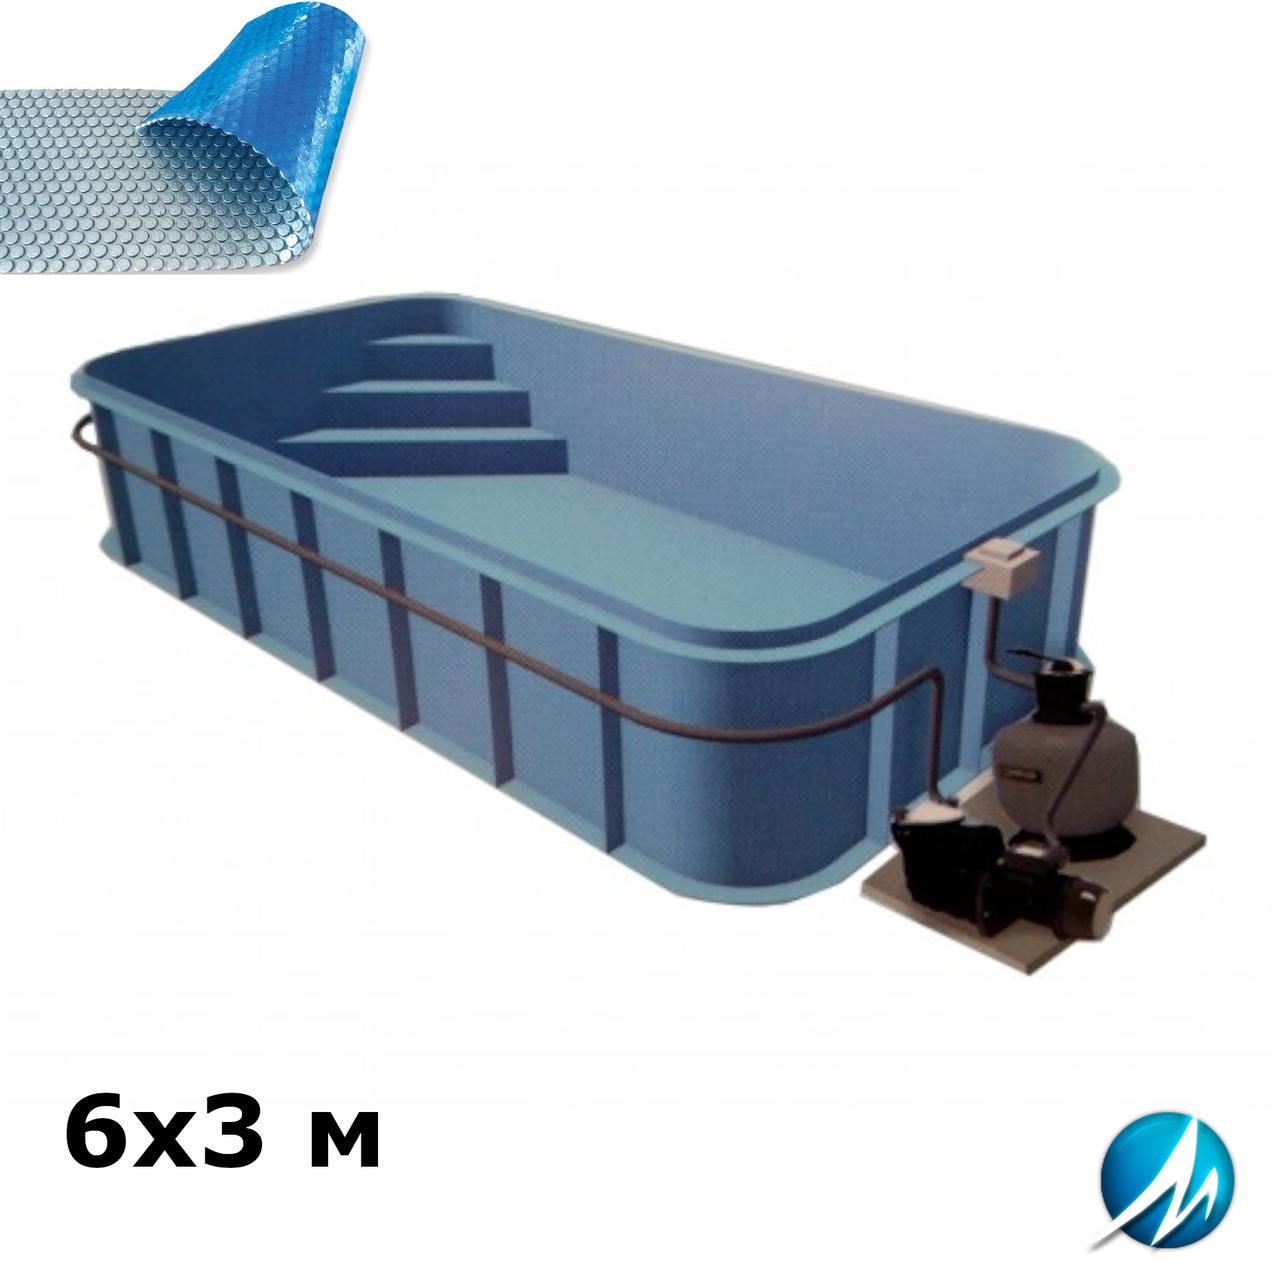 Солярное накрытие для полипропиленового бассейна 6х3 м